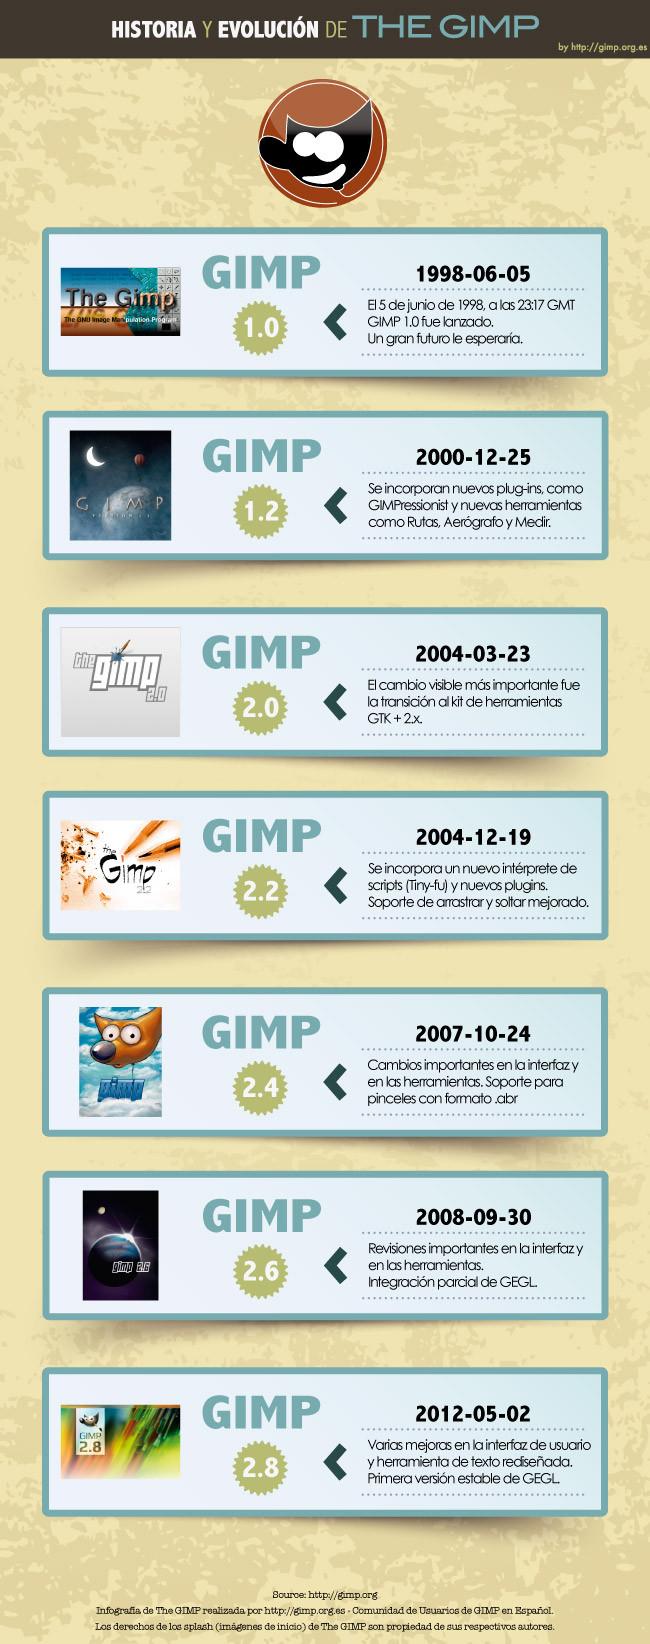 GIMP: Historia y evolución